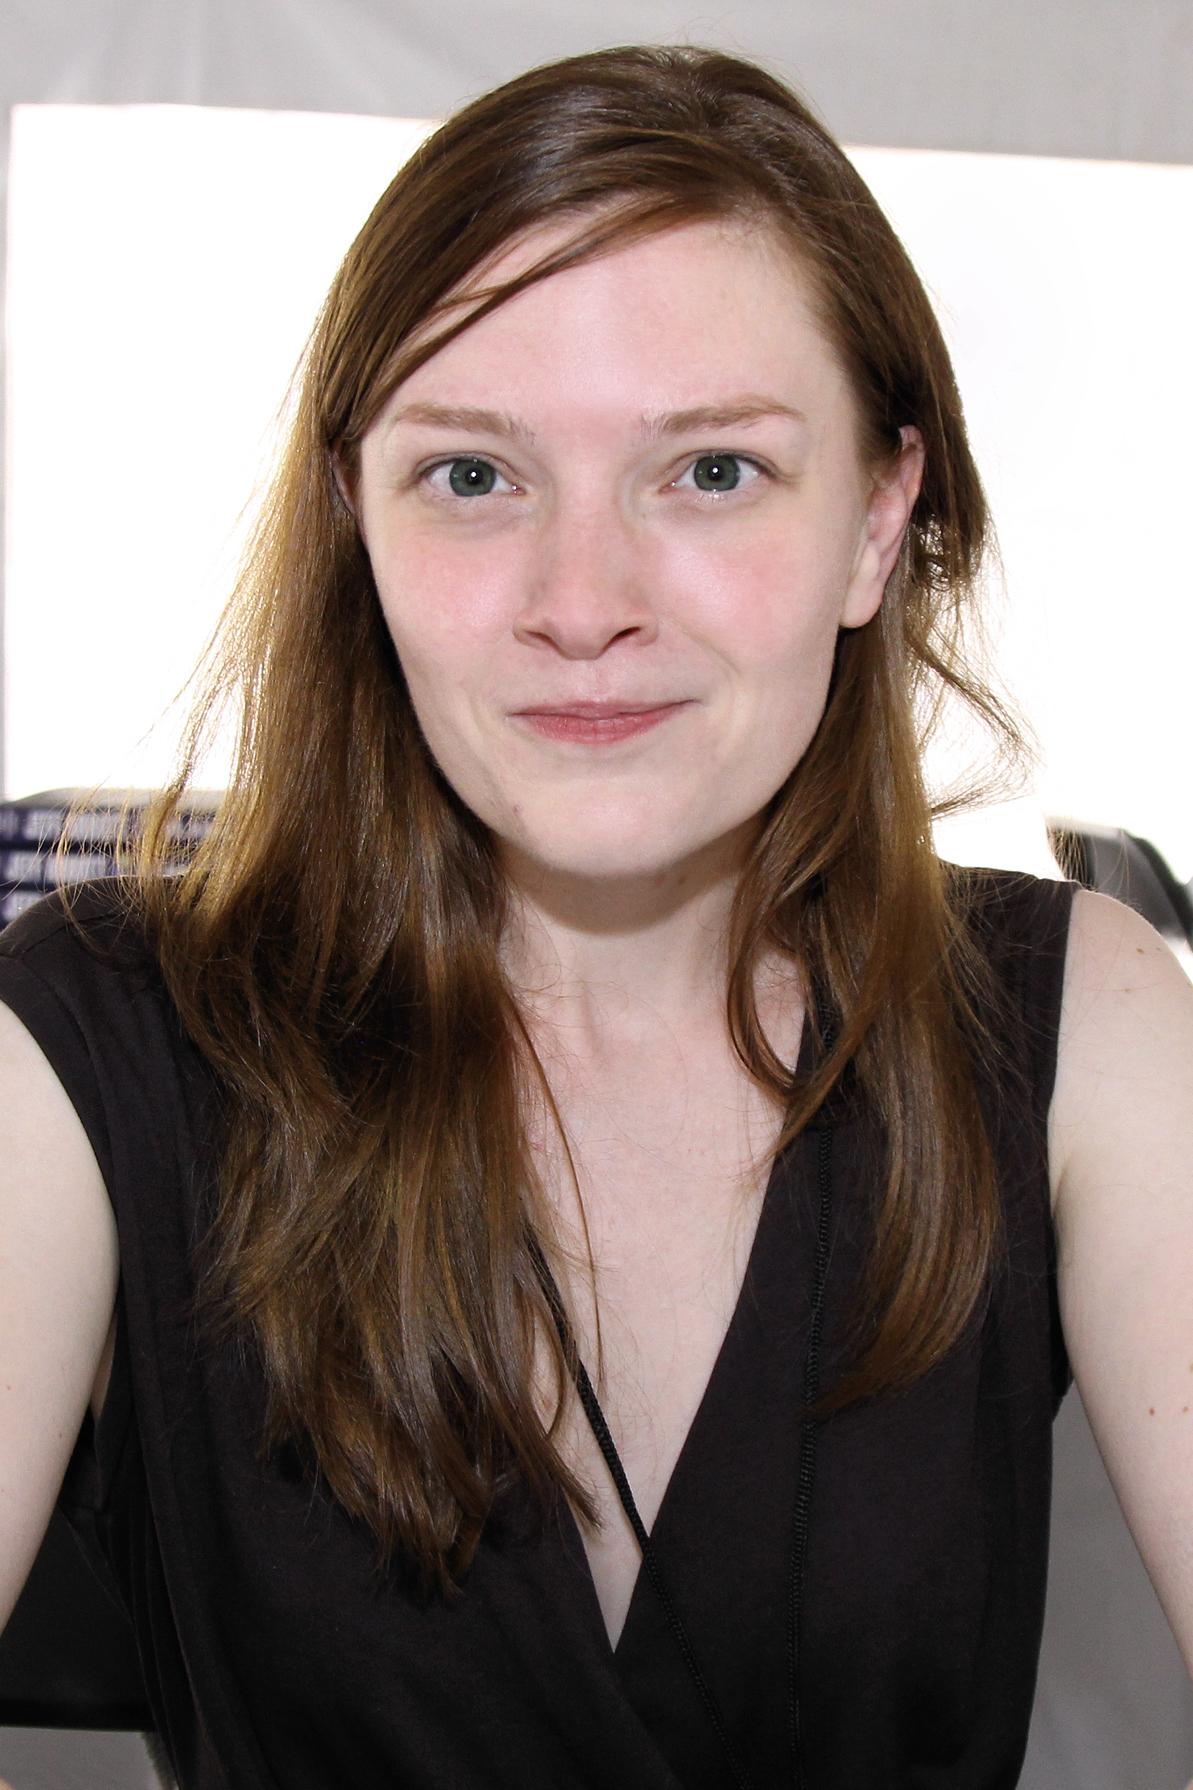 Natasha ely